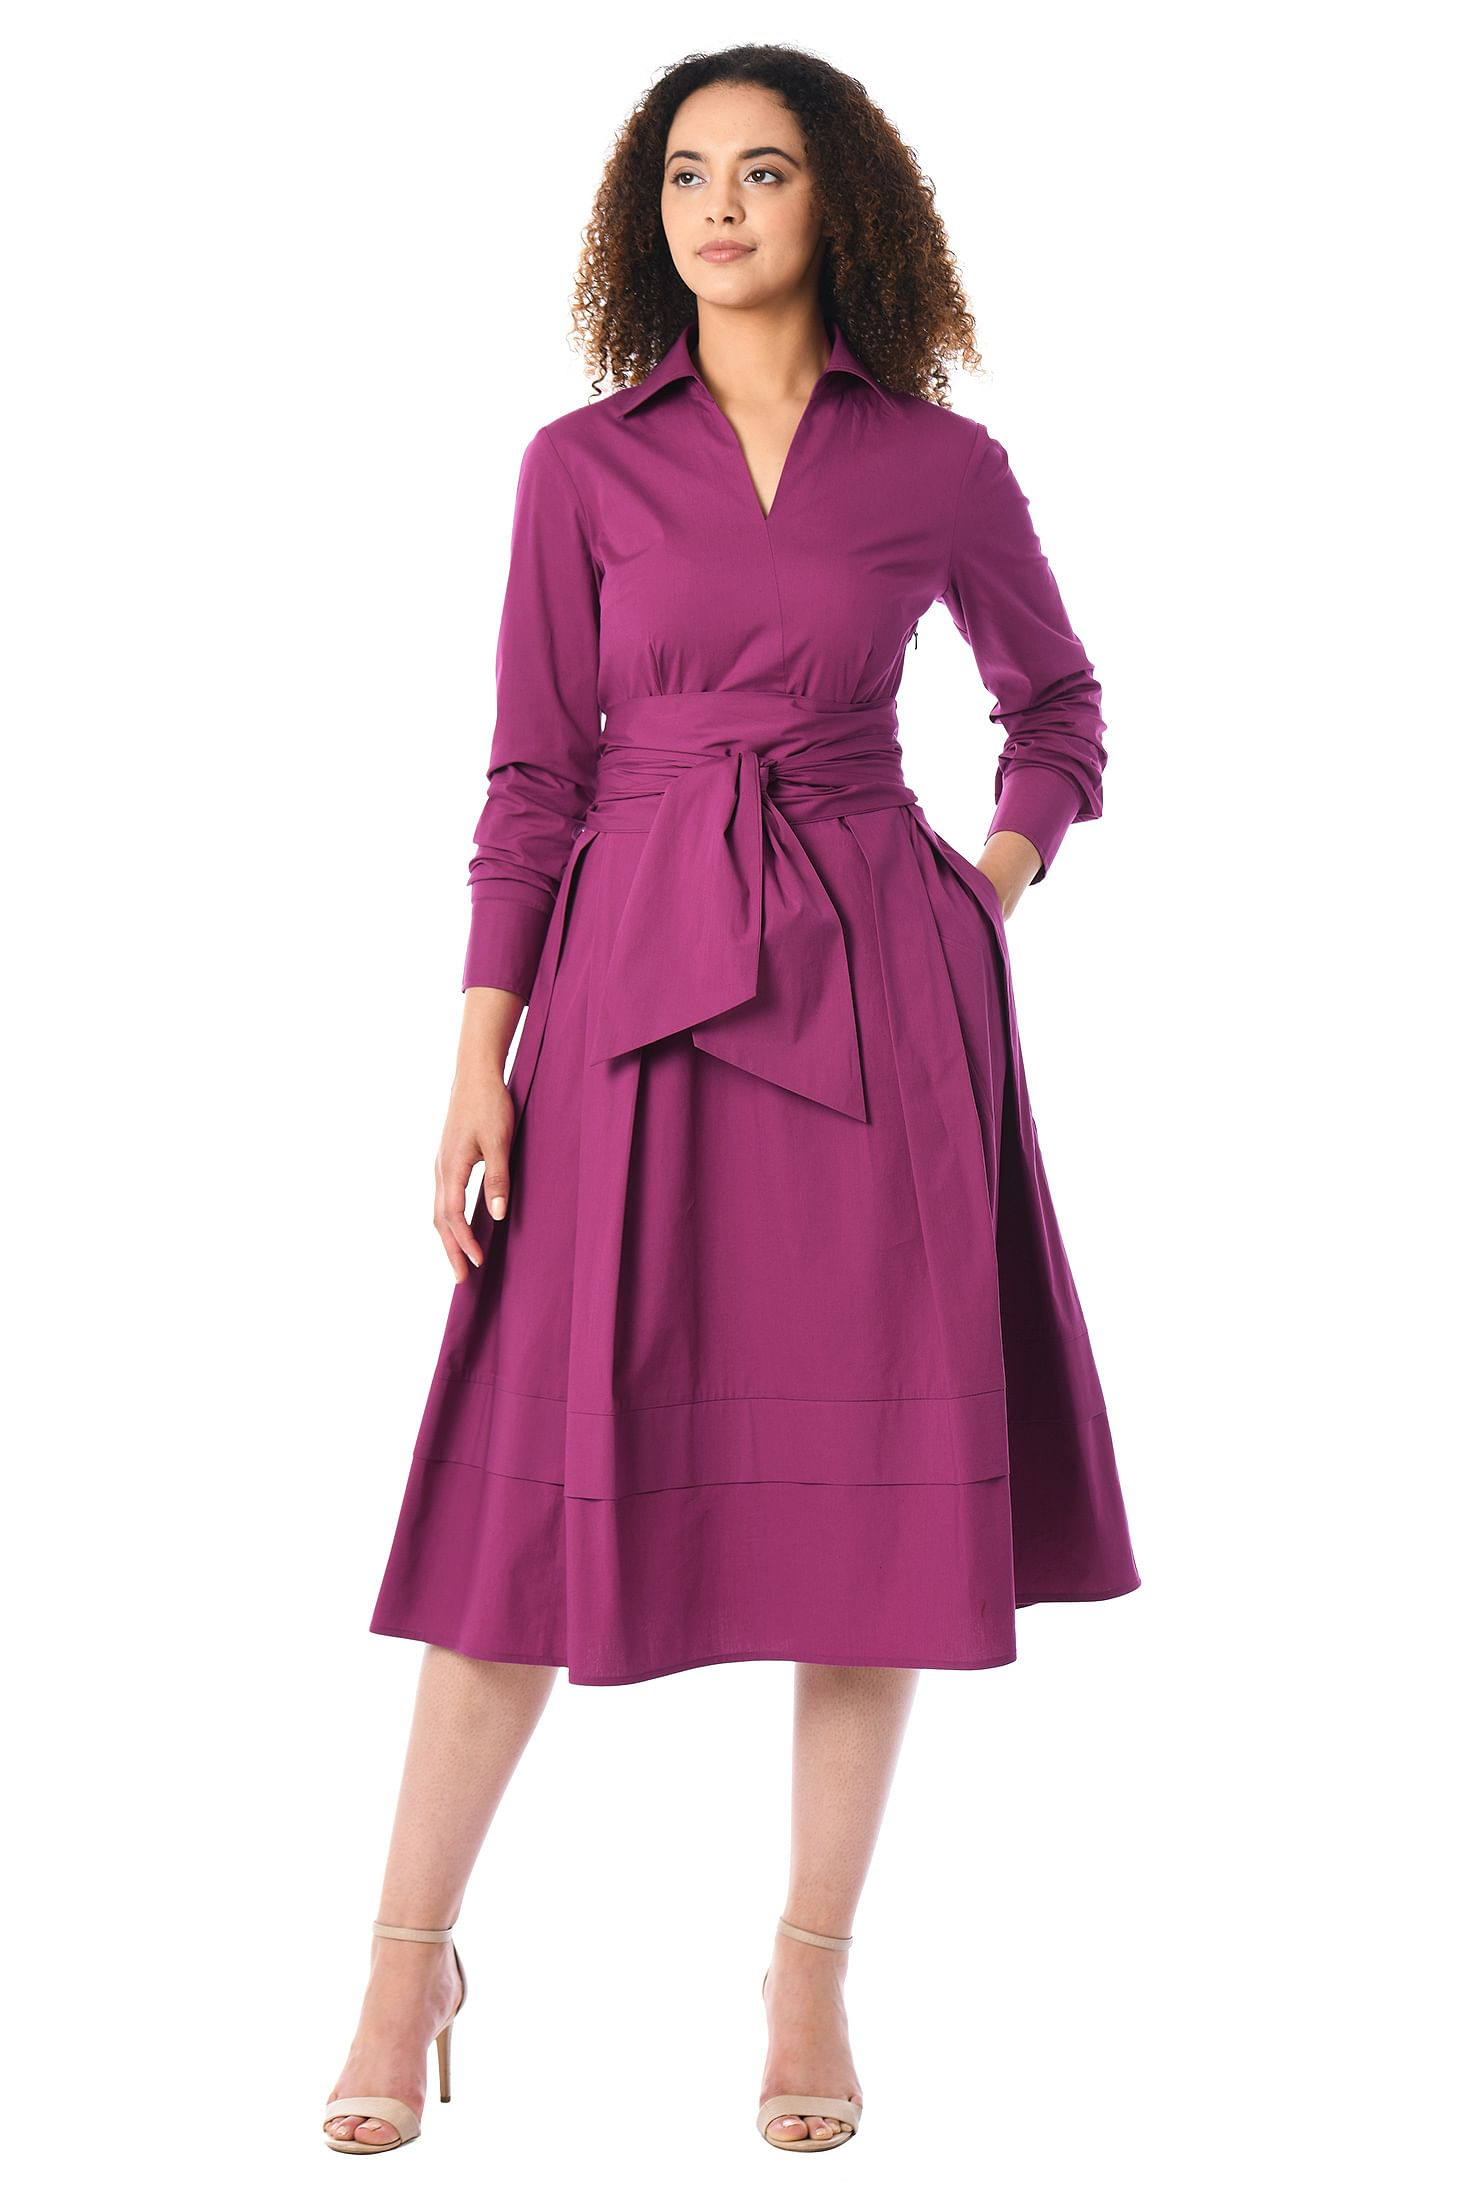 Bonito Más Tamaño Vestido De Fiesta Reino Unido Galería - Colección ...